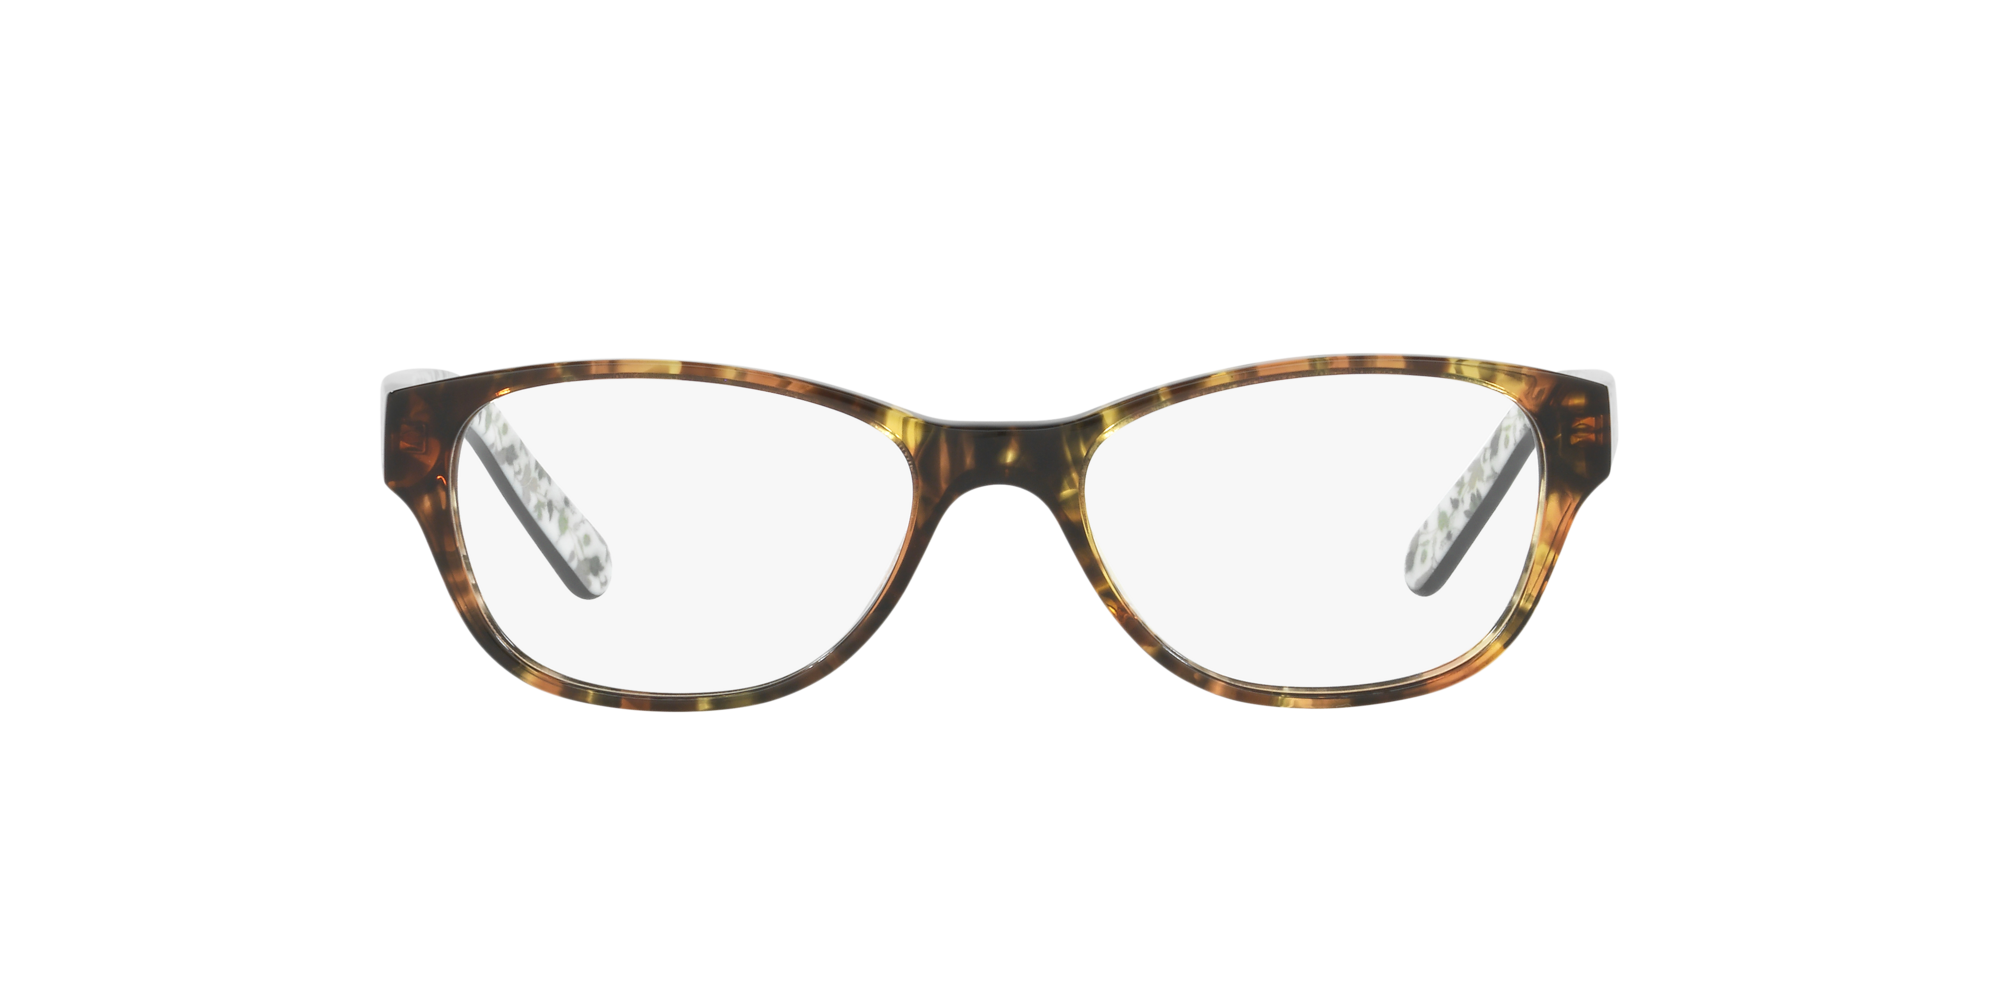 Imagen para TY2031 de LensCrafters |  Espejuelos, espejuelos graduados en línea, gafas